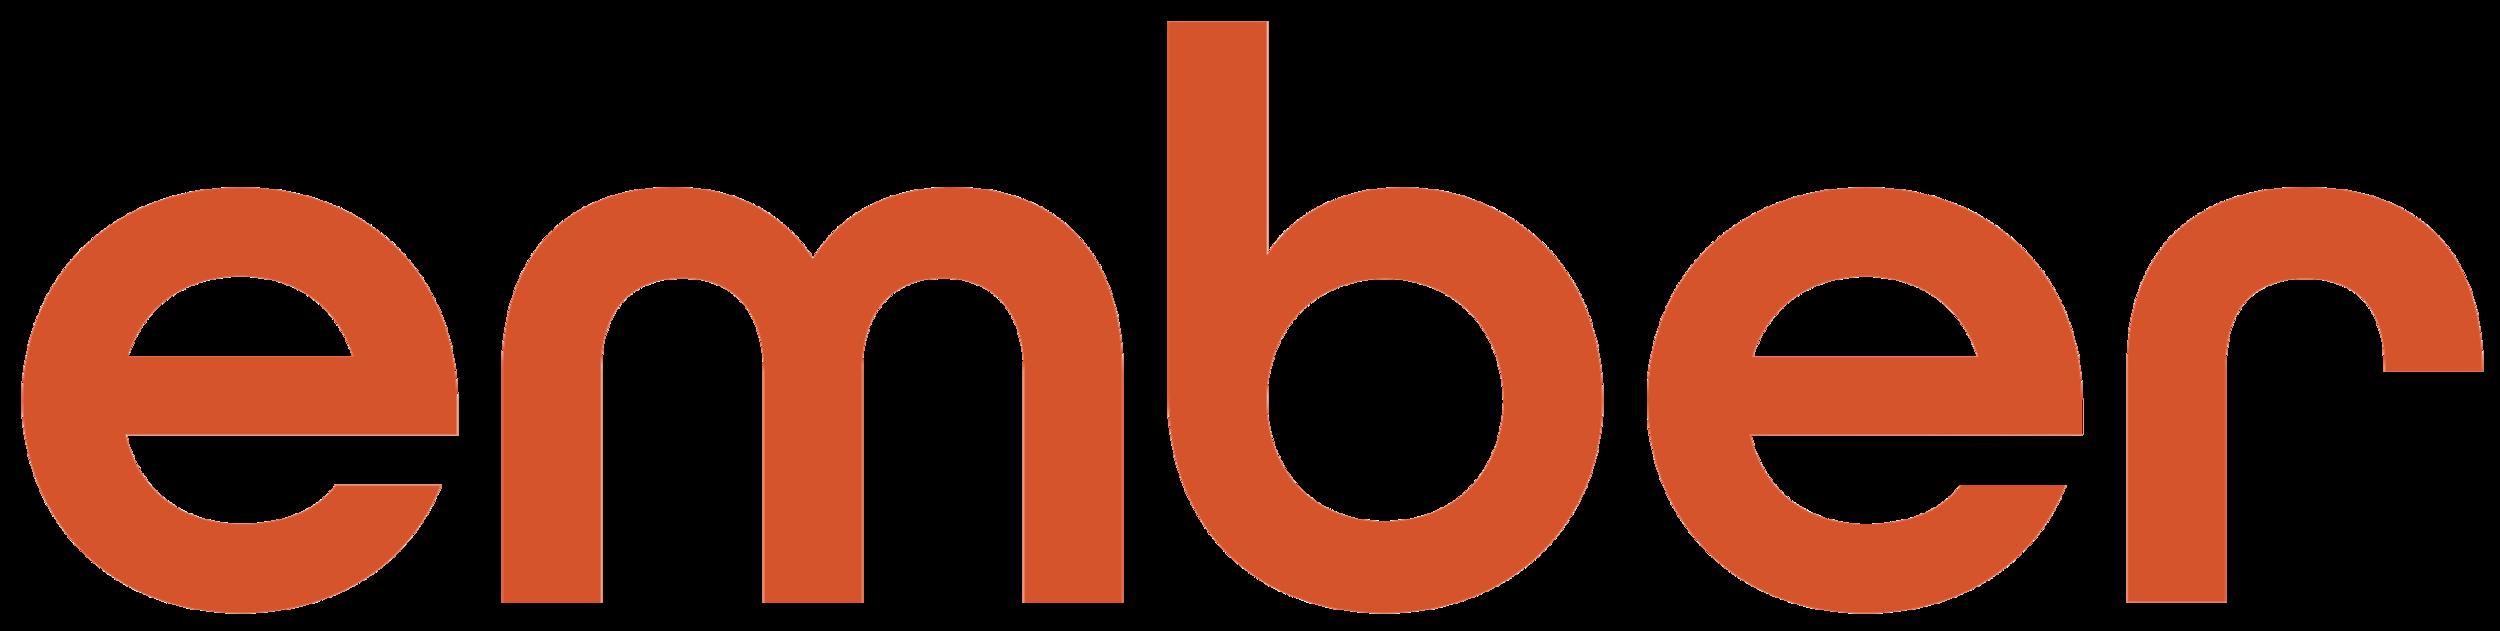 ember-mug-logo.png